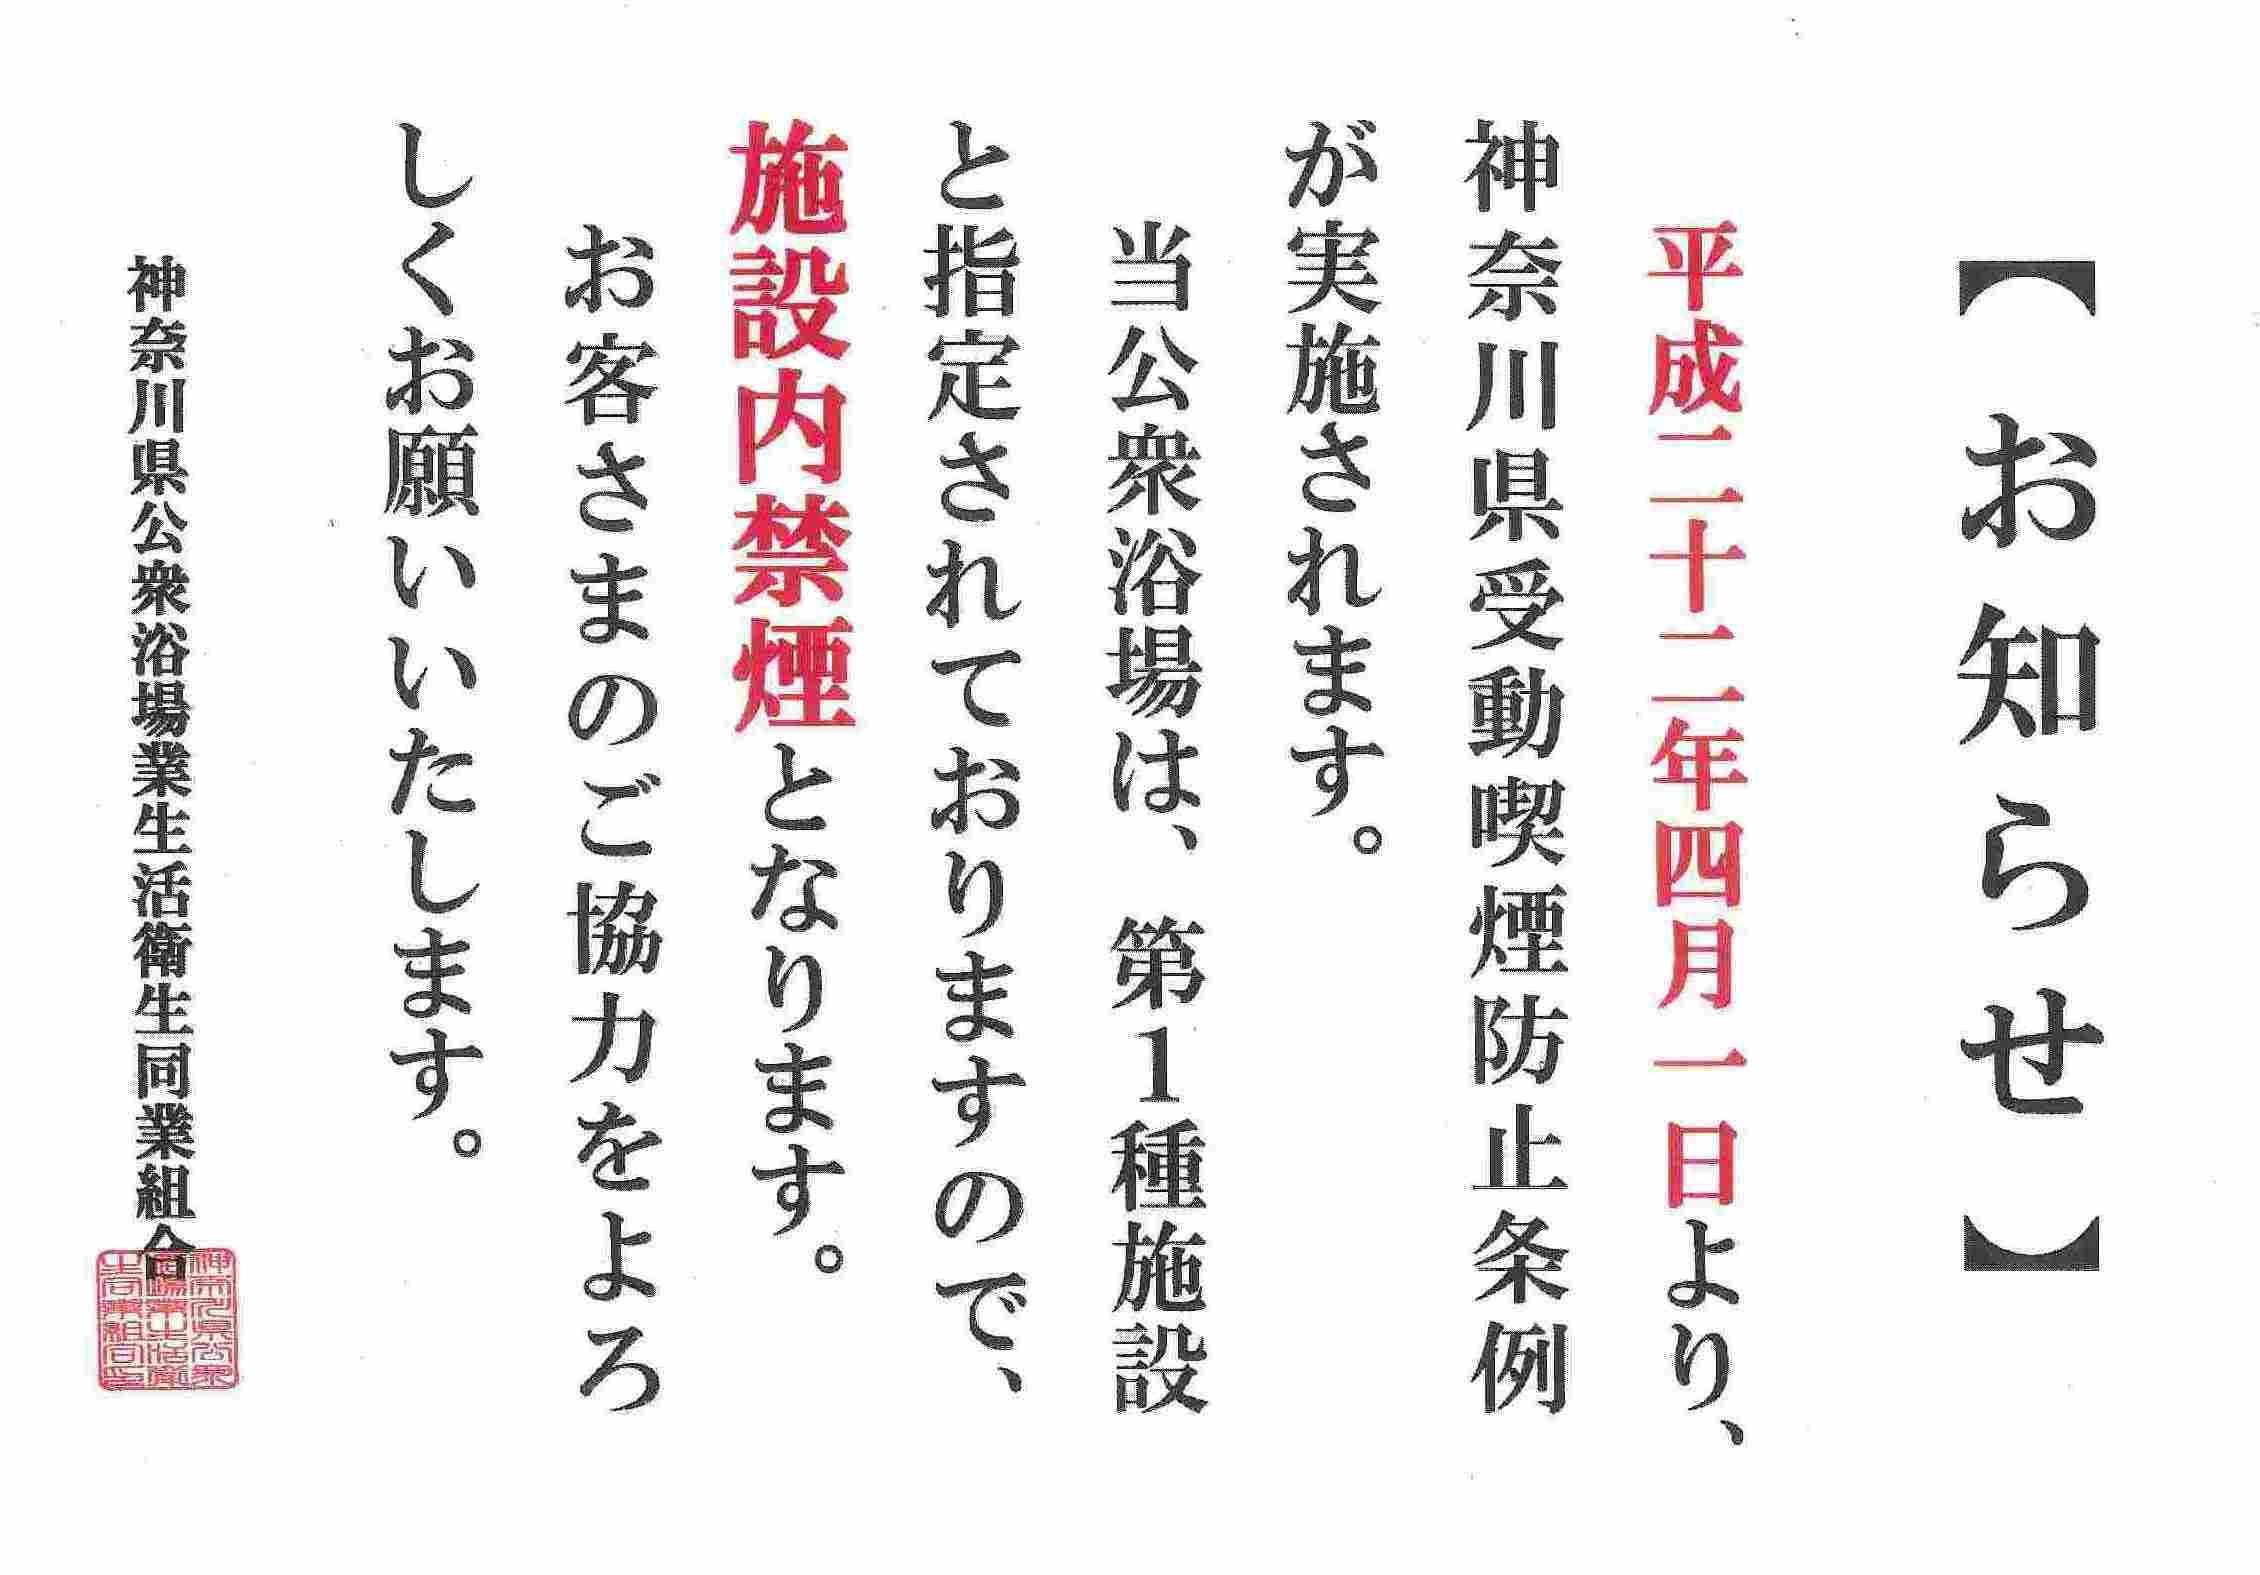 http://k-o-i.jp/entry-image/20100105104106356.jpg